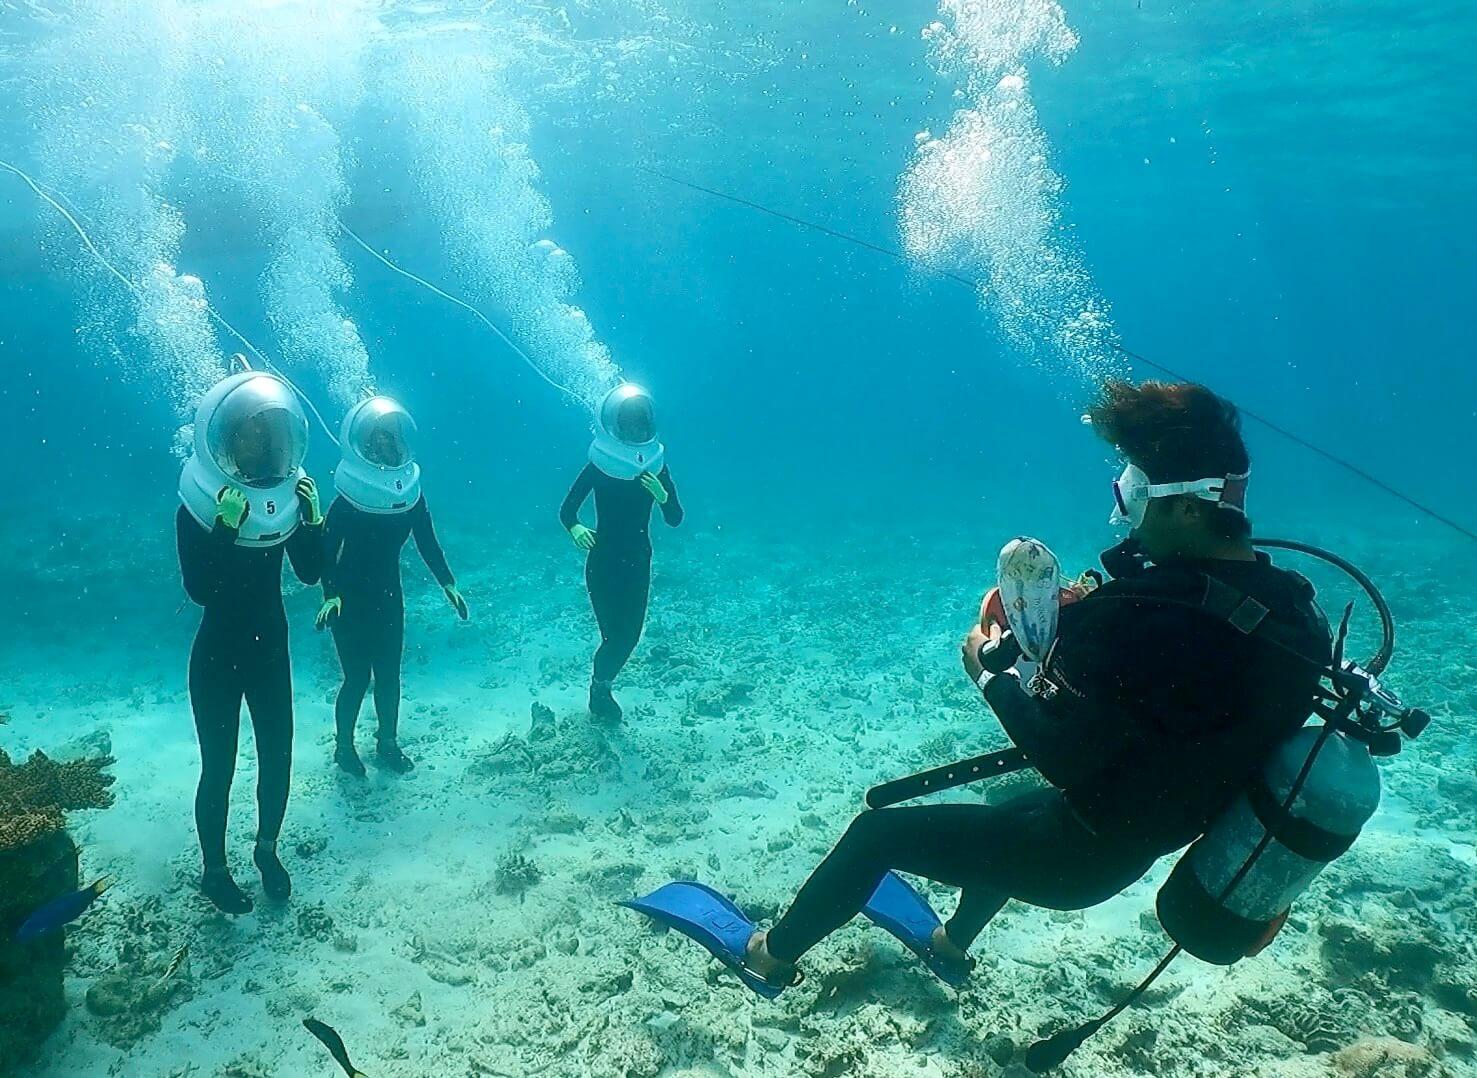 泳ぎが苦手でもシーウォークは安心して海で遊べます。